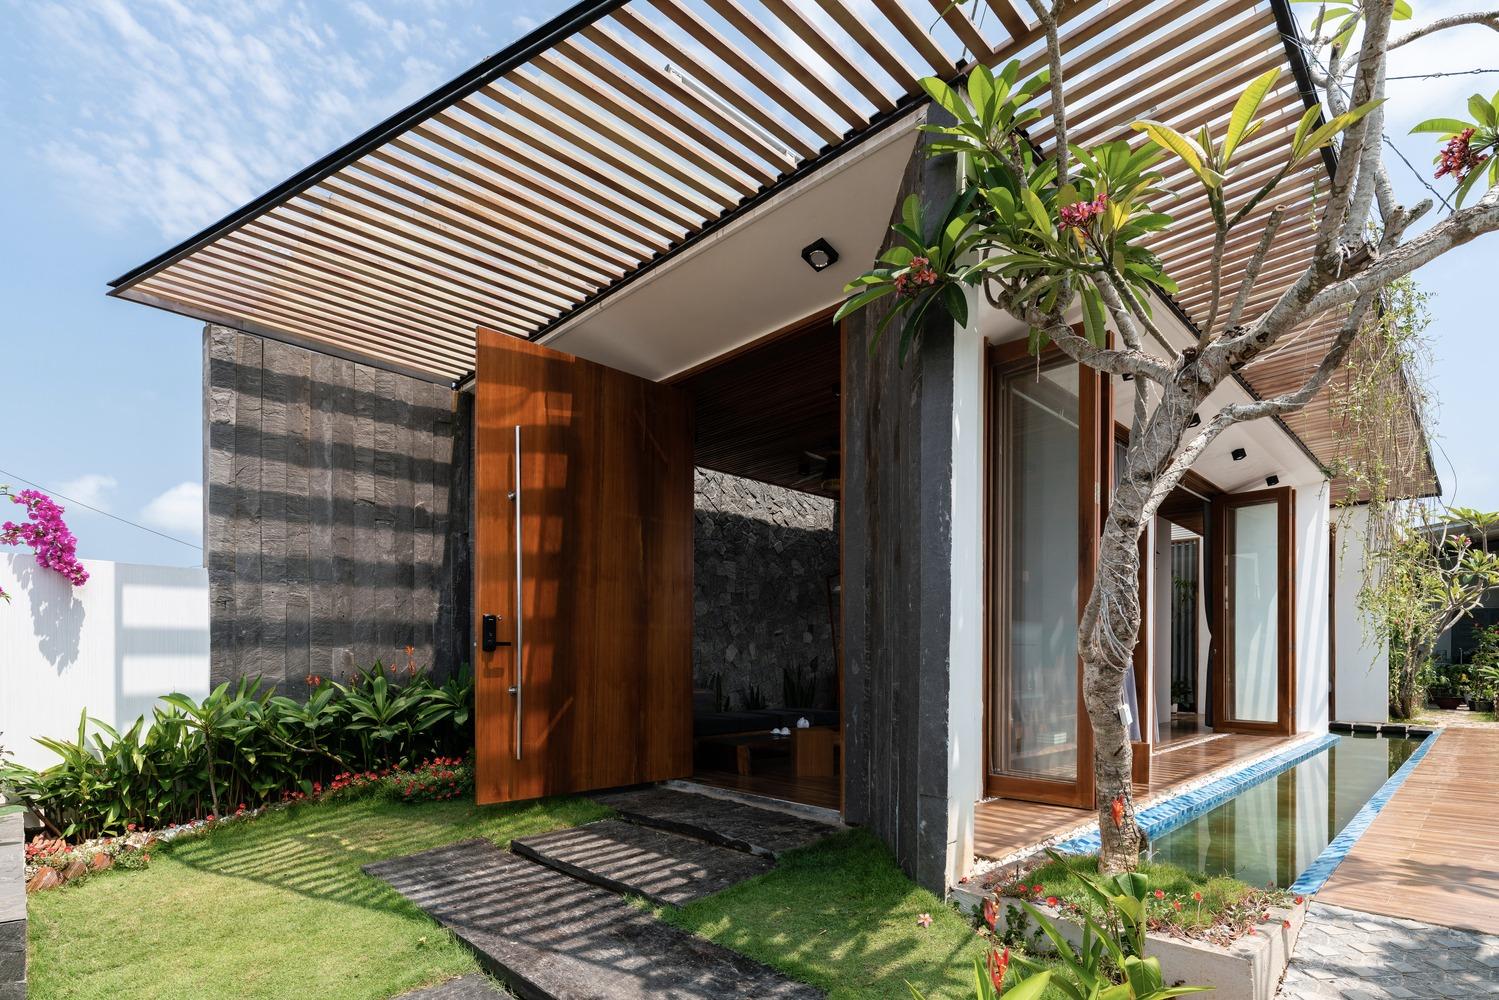 Nhà một tầng có hồ nước bên hông, dàn cây leo rủ bóng quanh năm ở Quảng Nam